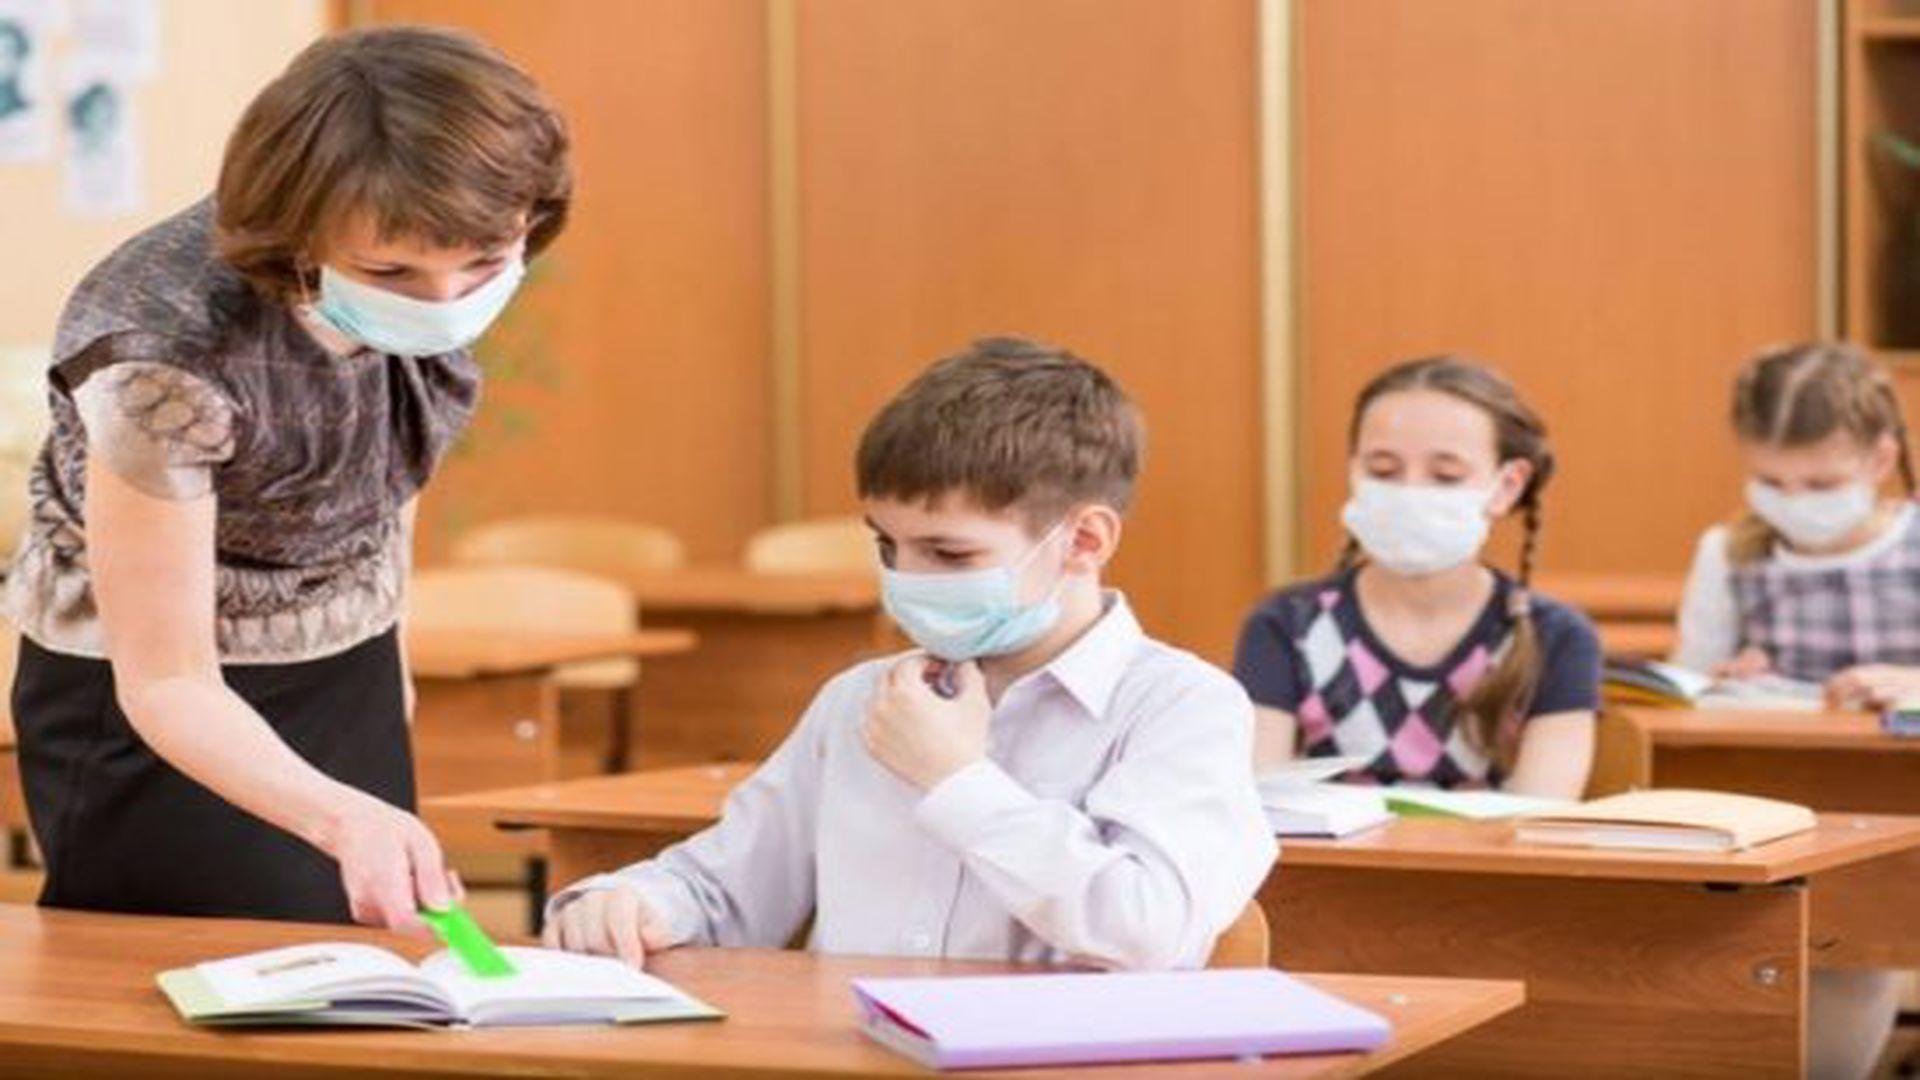 Schimbări în educație pentru noul an școlar. Materii opționale pentru toți elevii